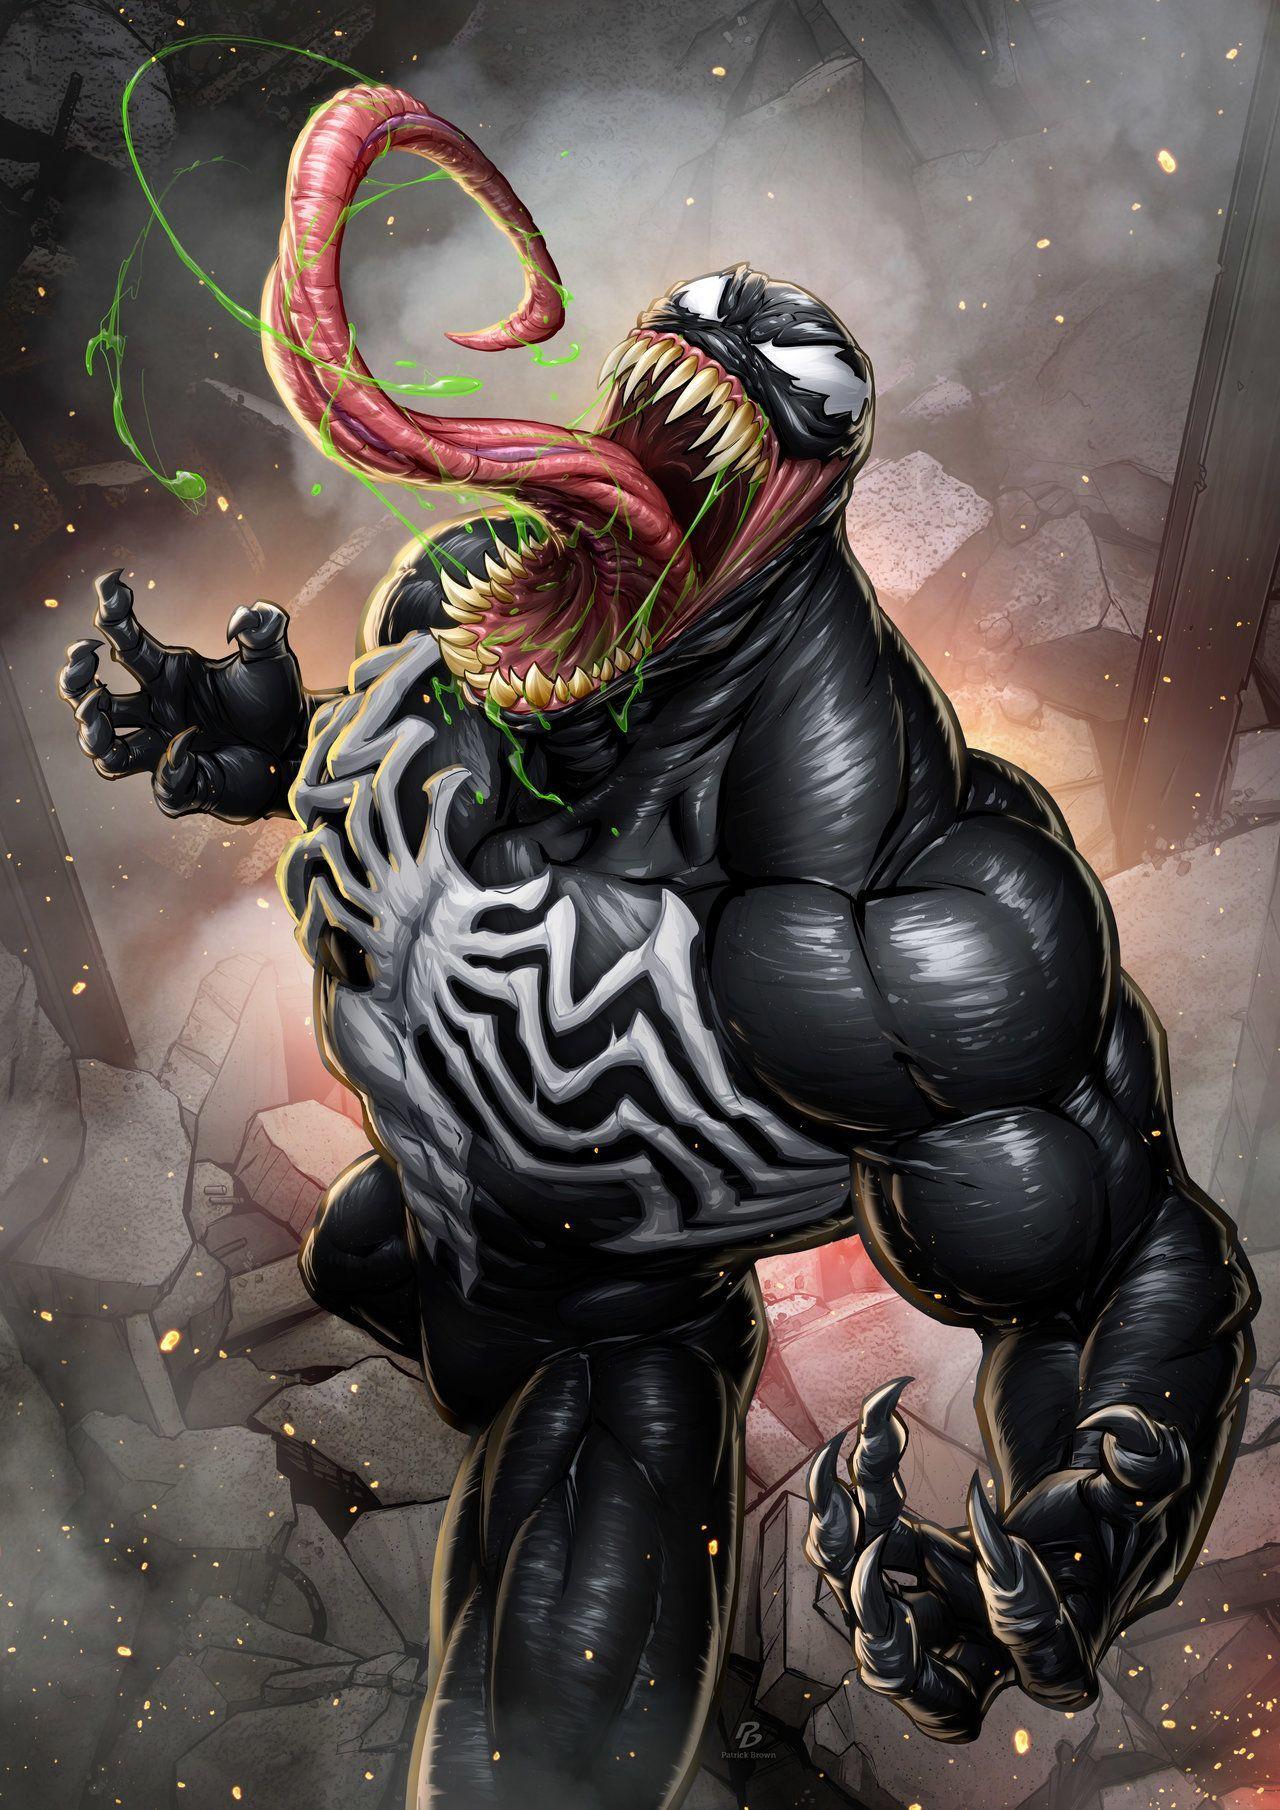 Venom - Digital Art - Fribly